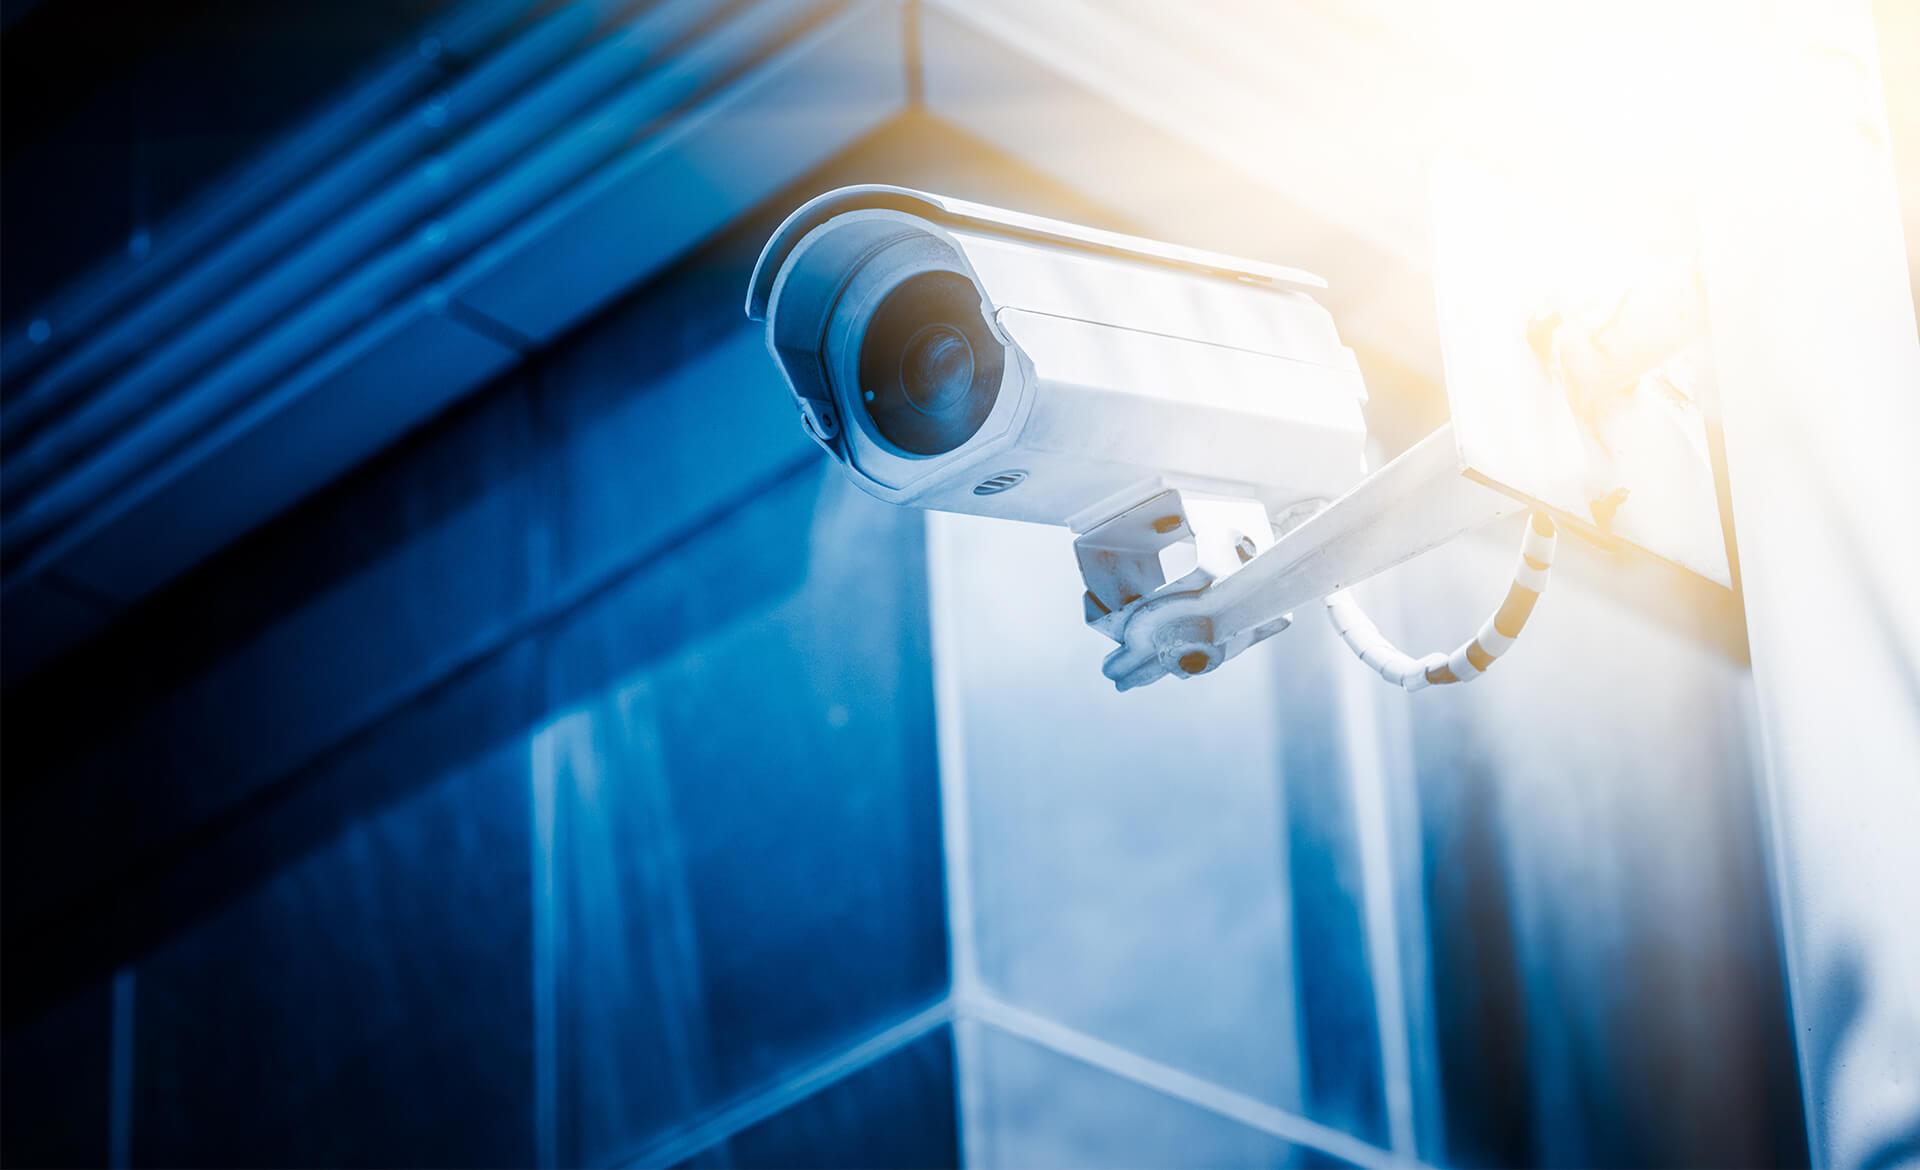 Produkt und Fachkompetenz Akkordeon Sicherheitstechnik Gebäude